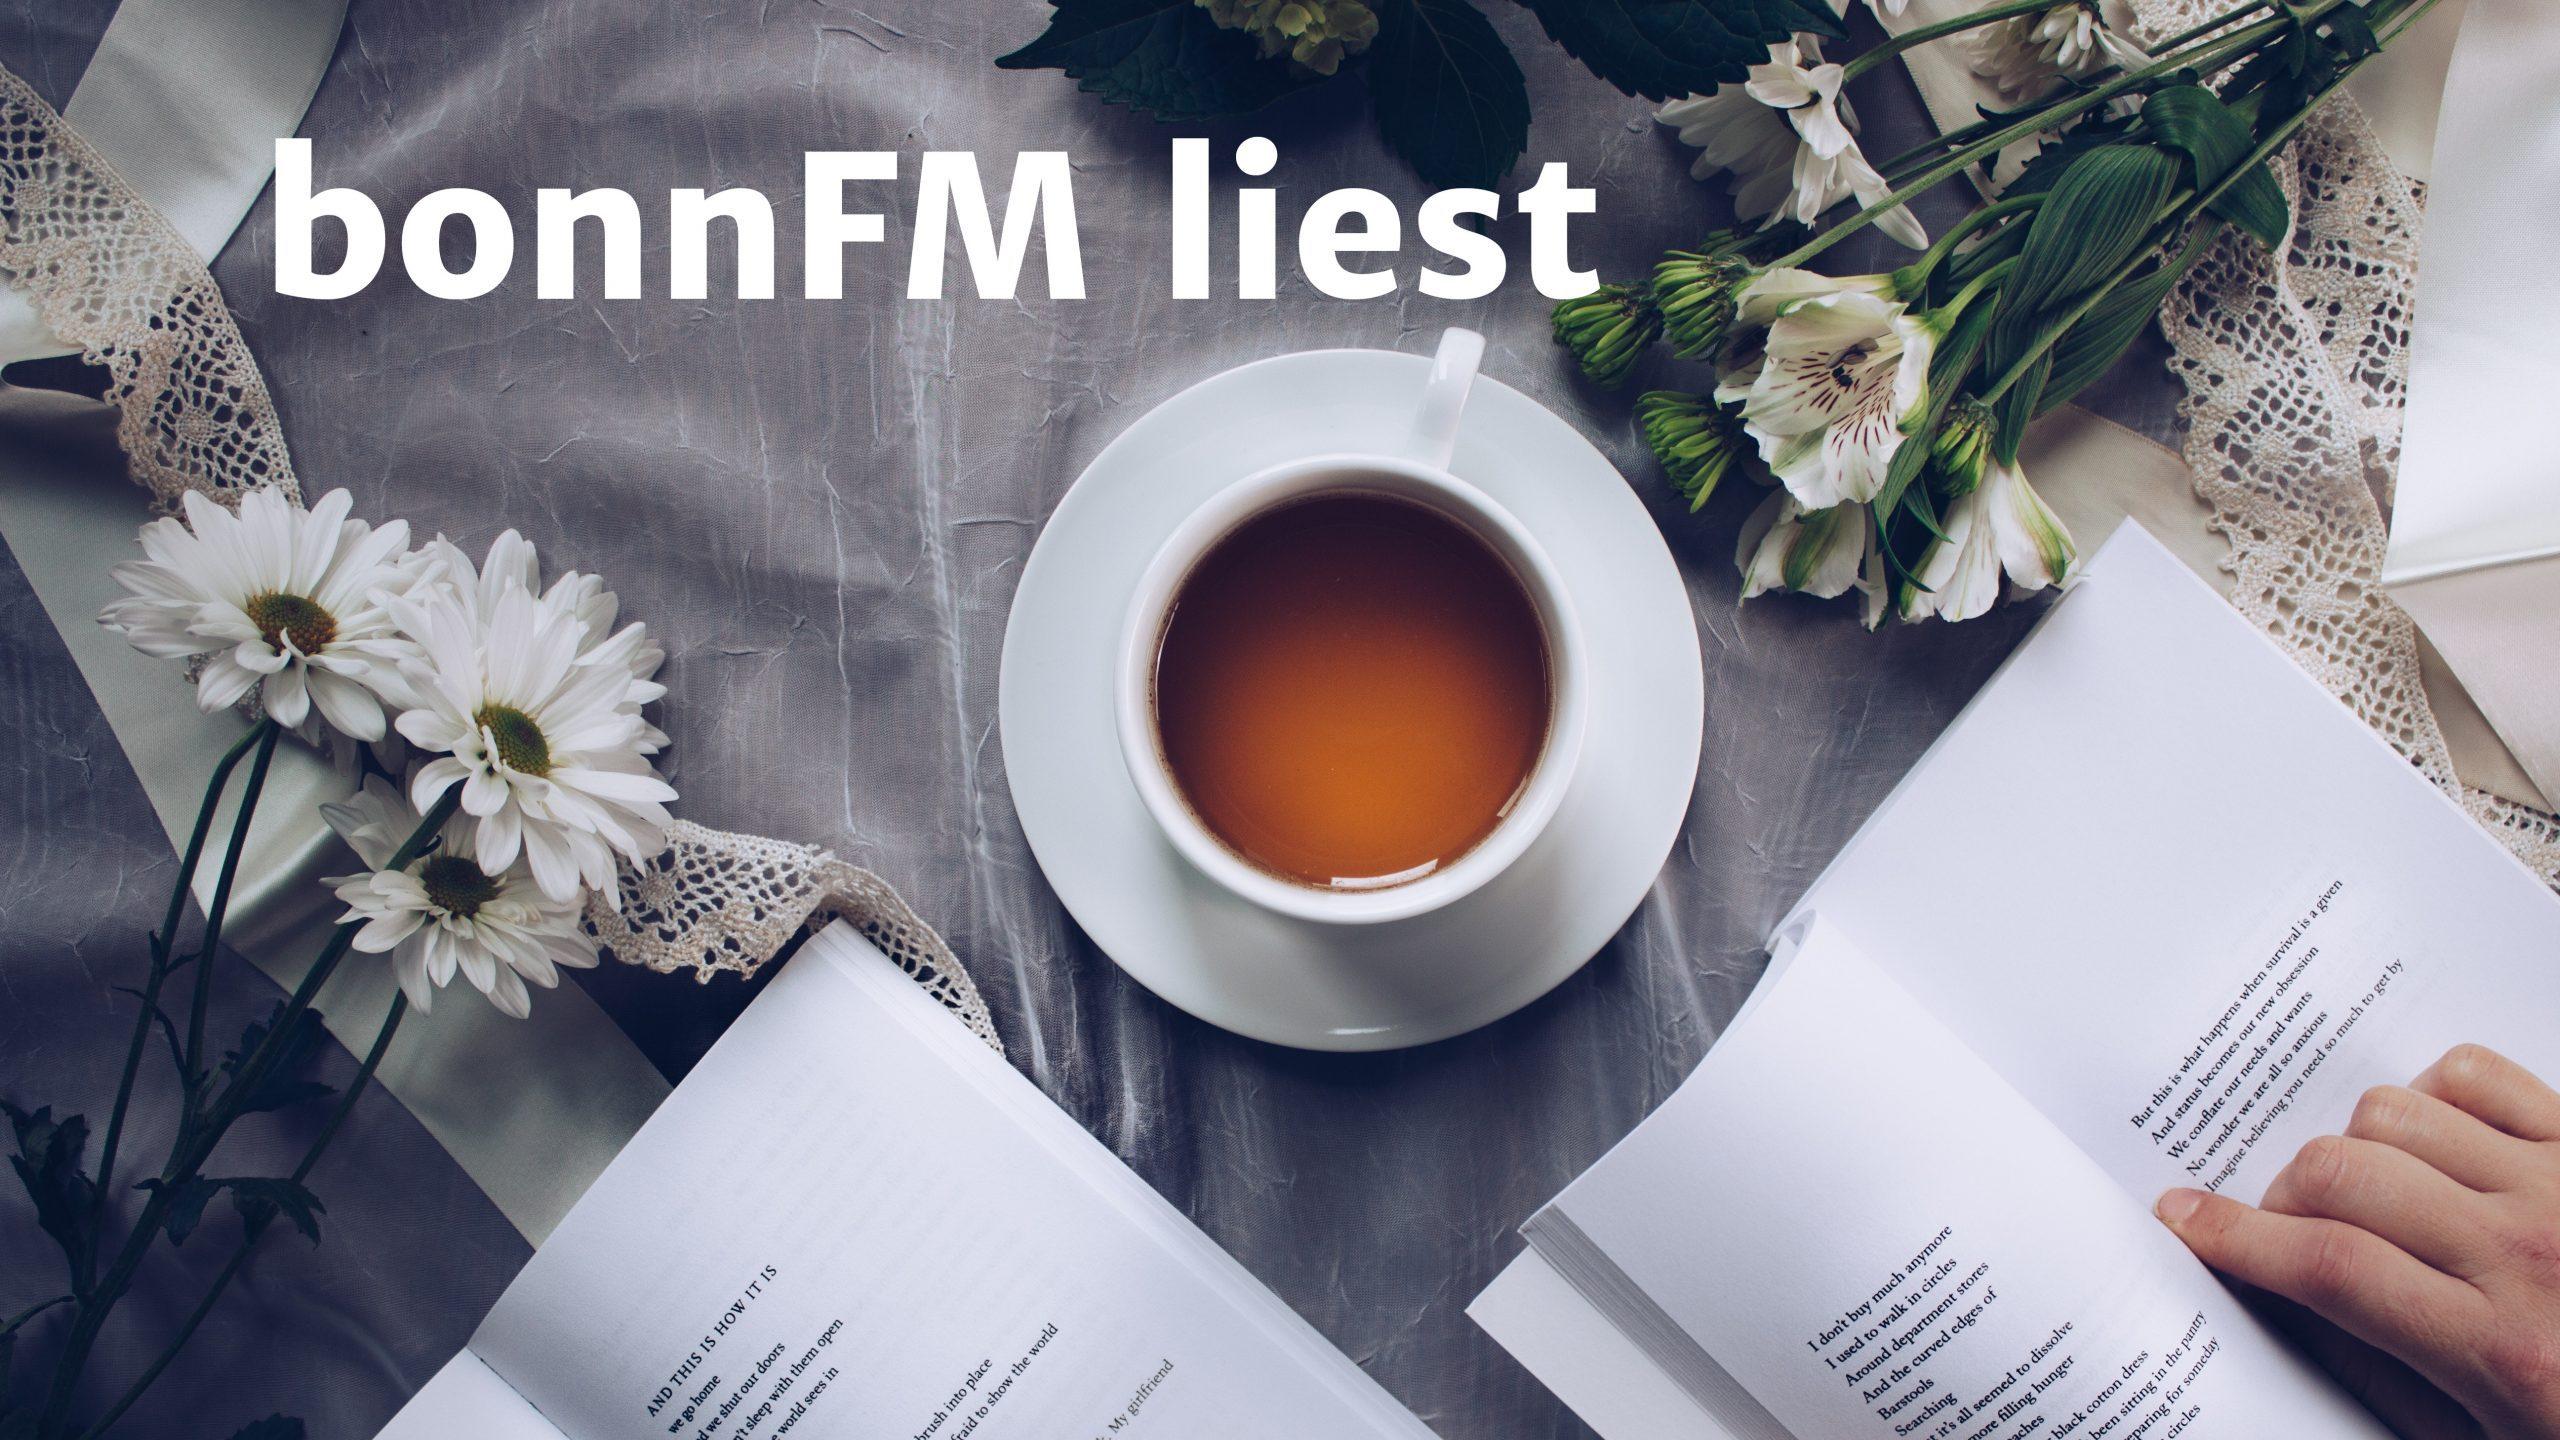 bonnFMliest. Die Sendung vom 20. November 2019